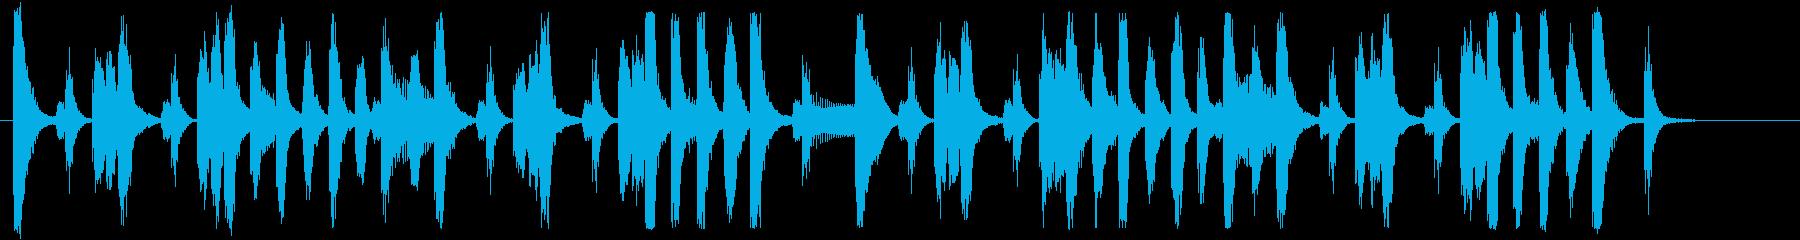 元気のいいポップなブラスジングル 18秒の再生済みの波形